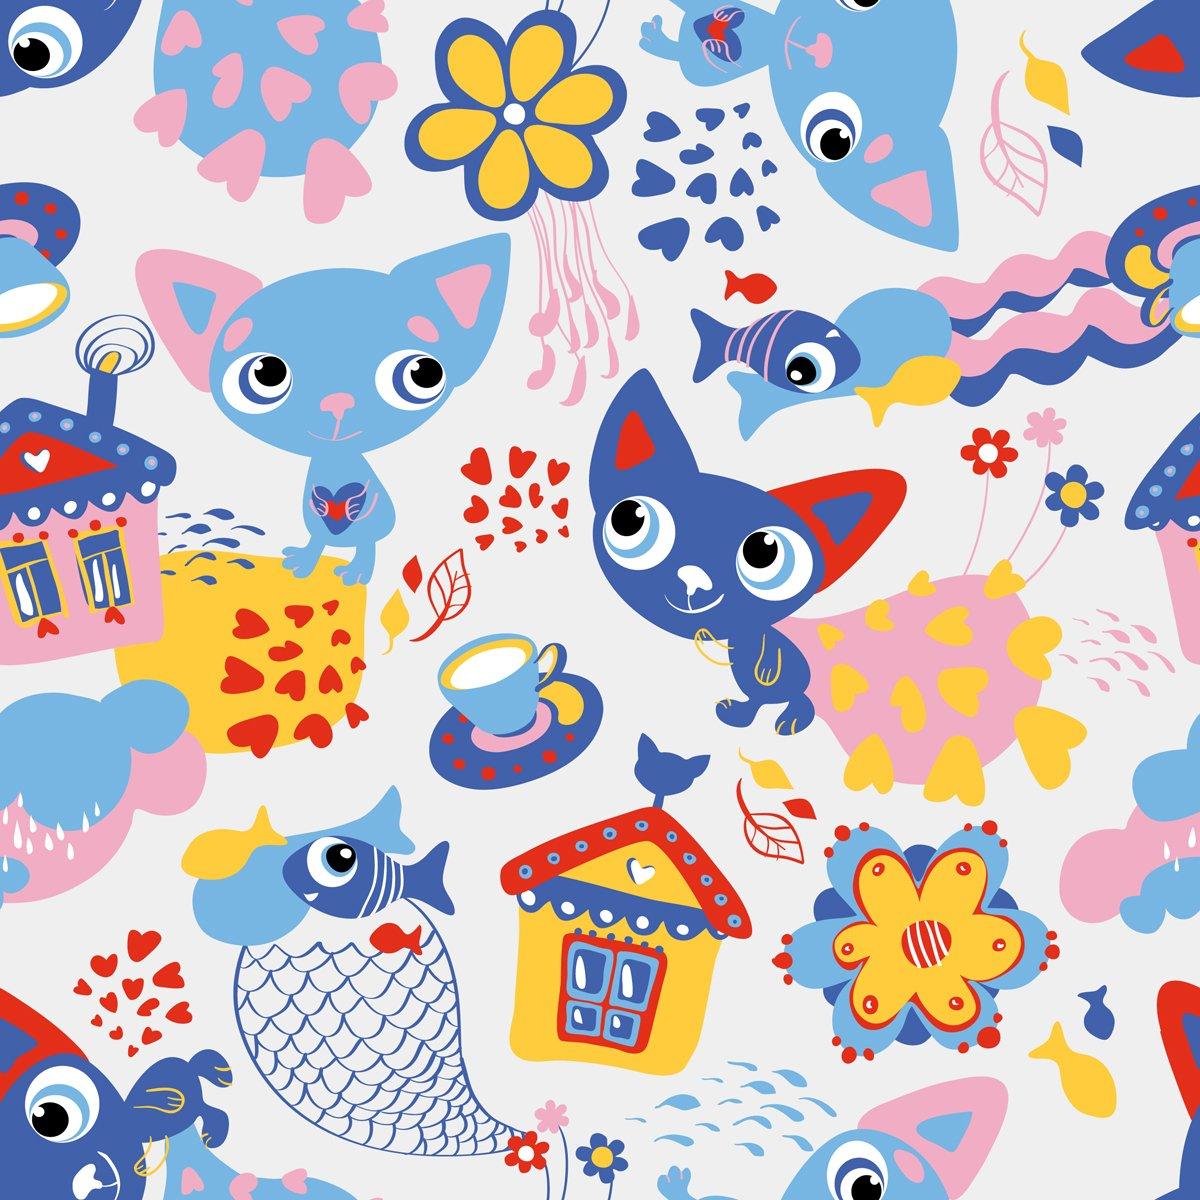 Постер Разные детские постеры Мило, забавно, бесшовные шаблон с кошками и рыбыРазные детские постеры<br>Постер на холсте или бумаге. Любого нужного вам размера. В раме или без. Подвес в комплекте. Трехслойная надежная упаковка. Доставим в любую точку России. Вам осталось только повесить картину на стену!<br>